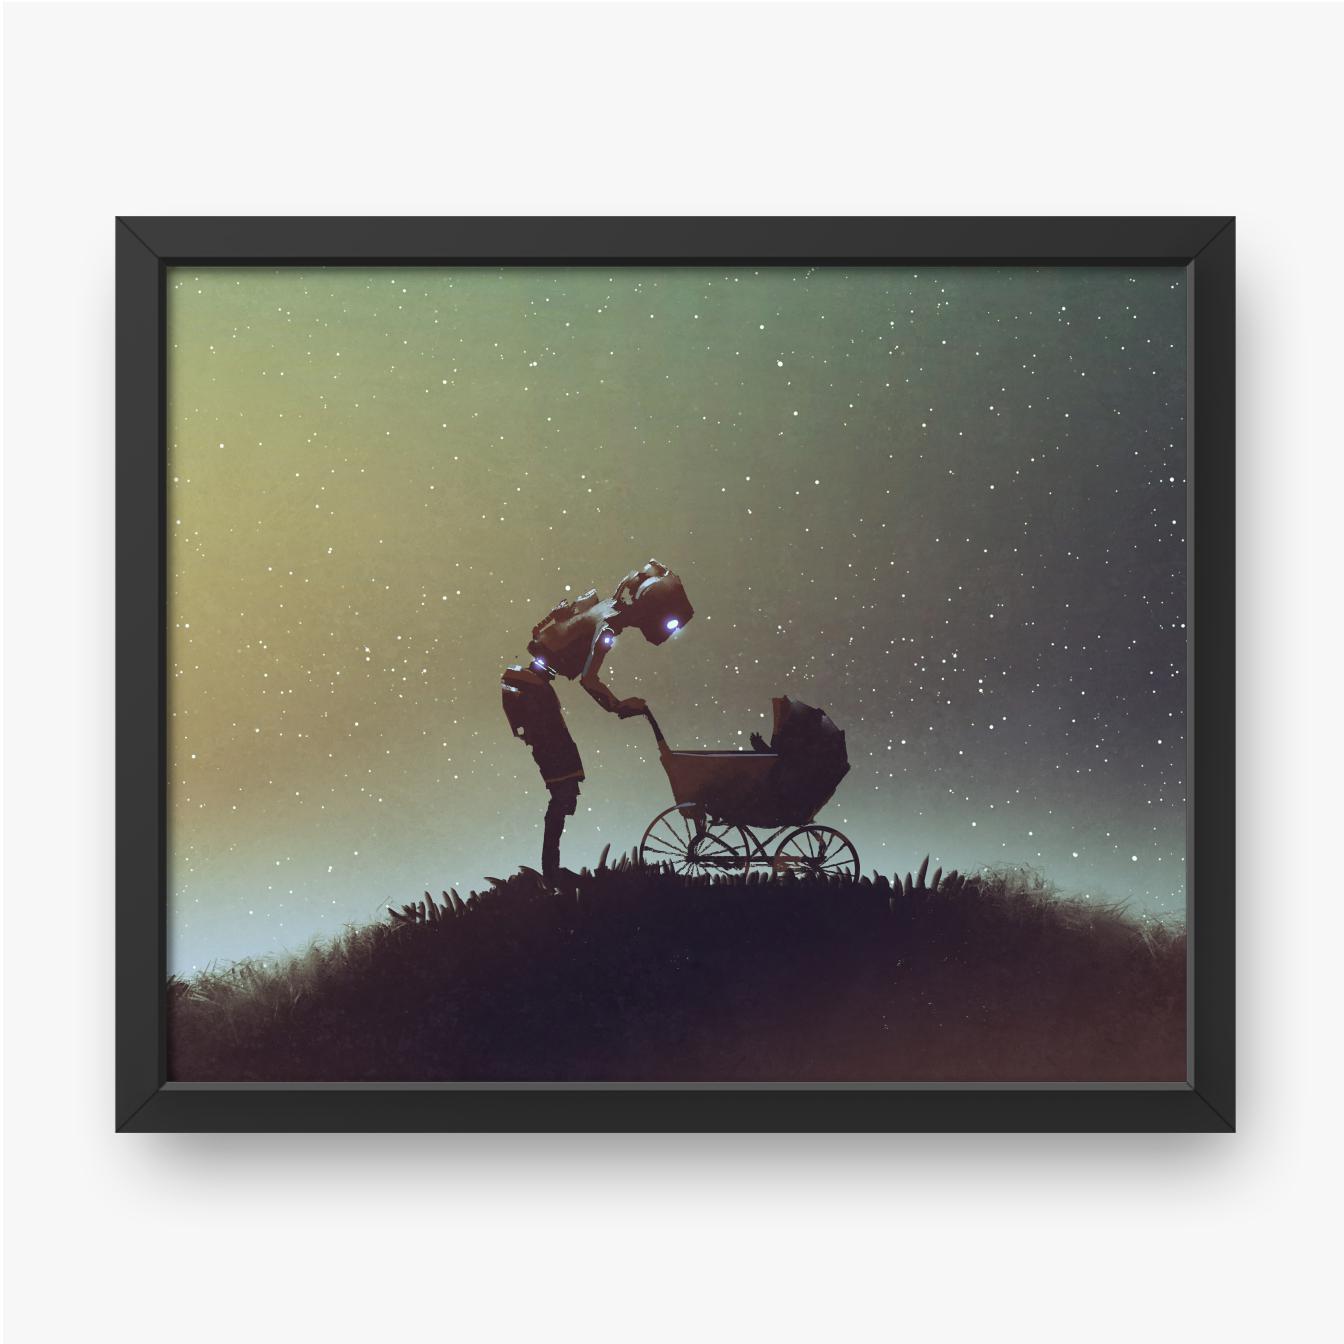 Robot patrzący na dziecko w wózku na tle rozgwieżdżonego nieba